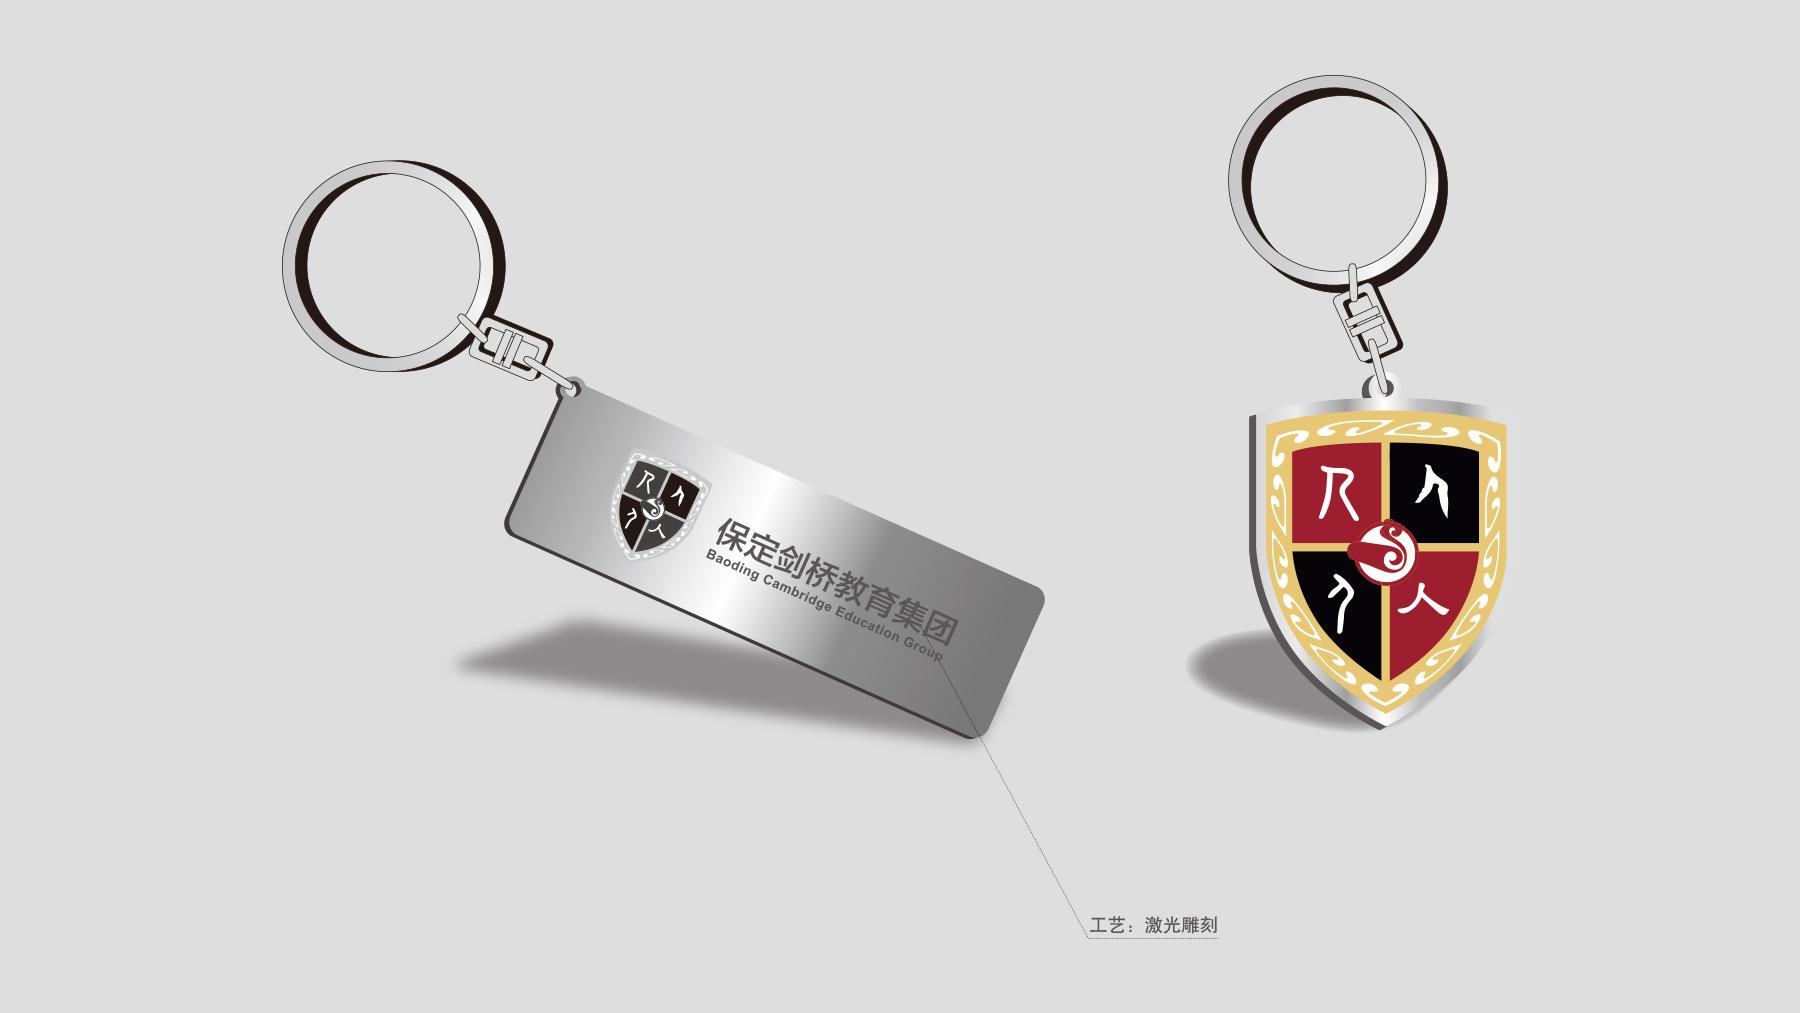 剑桥教育集团品牌形象升级_剑桥教育集团logo设计_vi图片